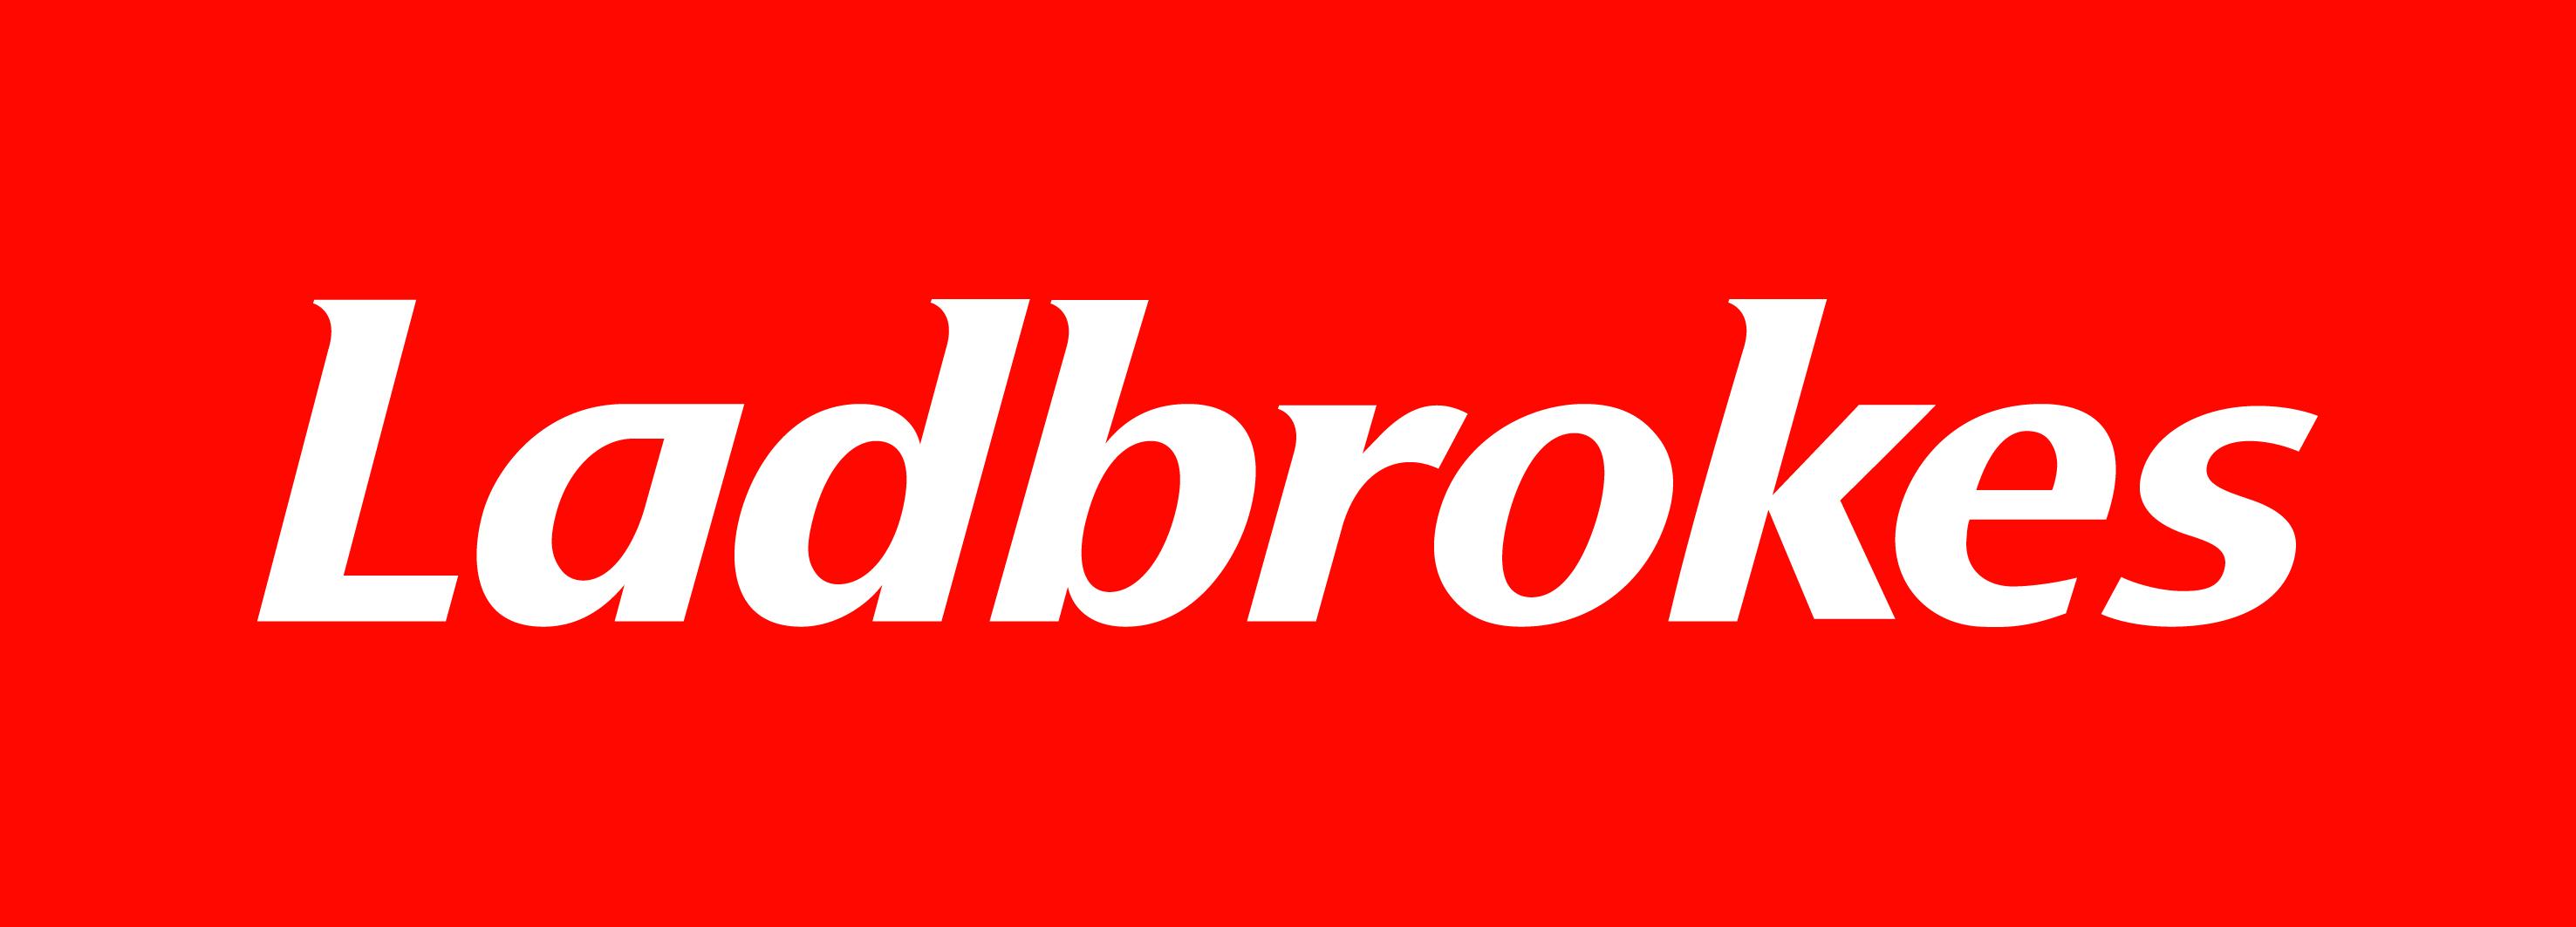 Contact Ladbrokes